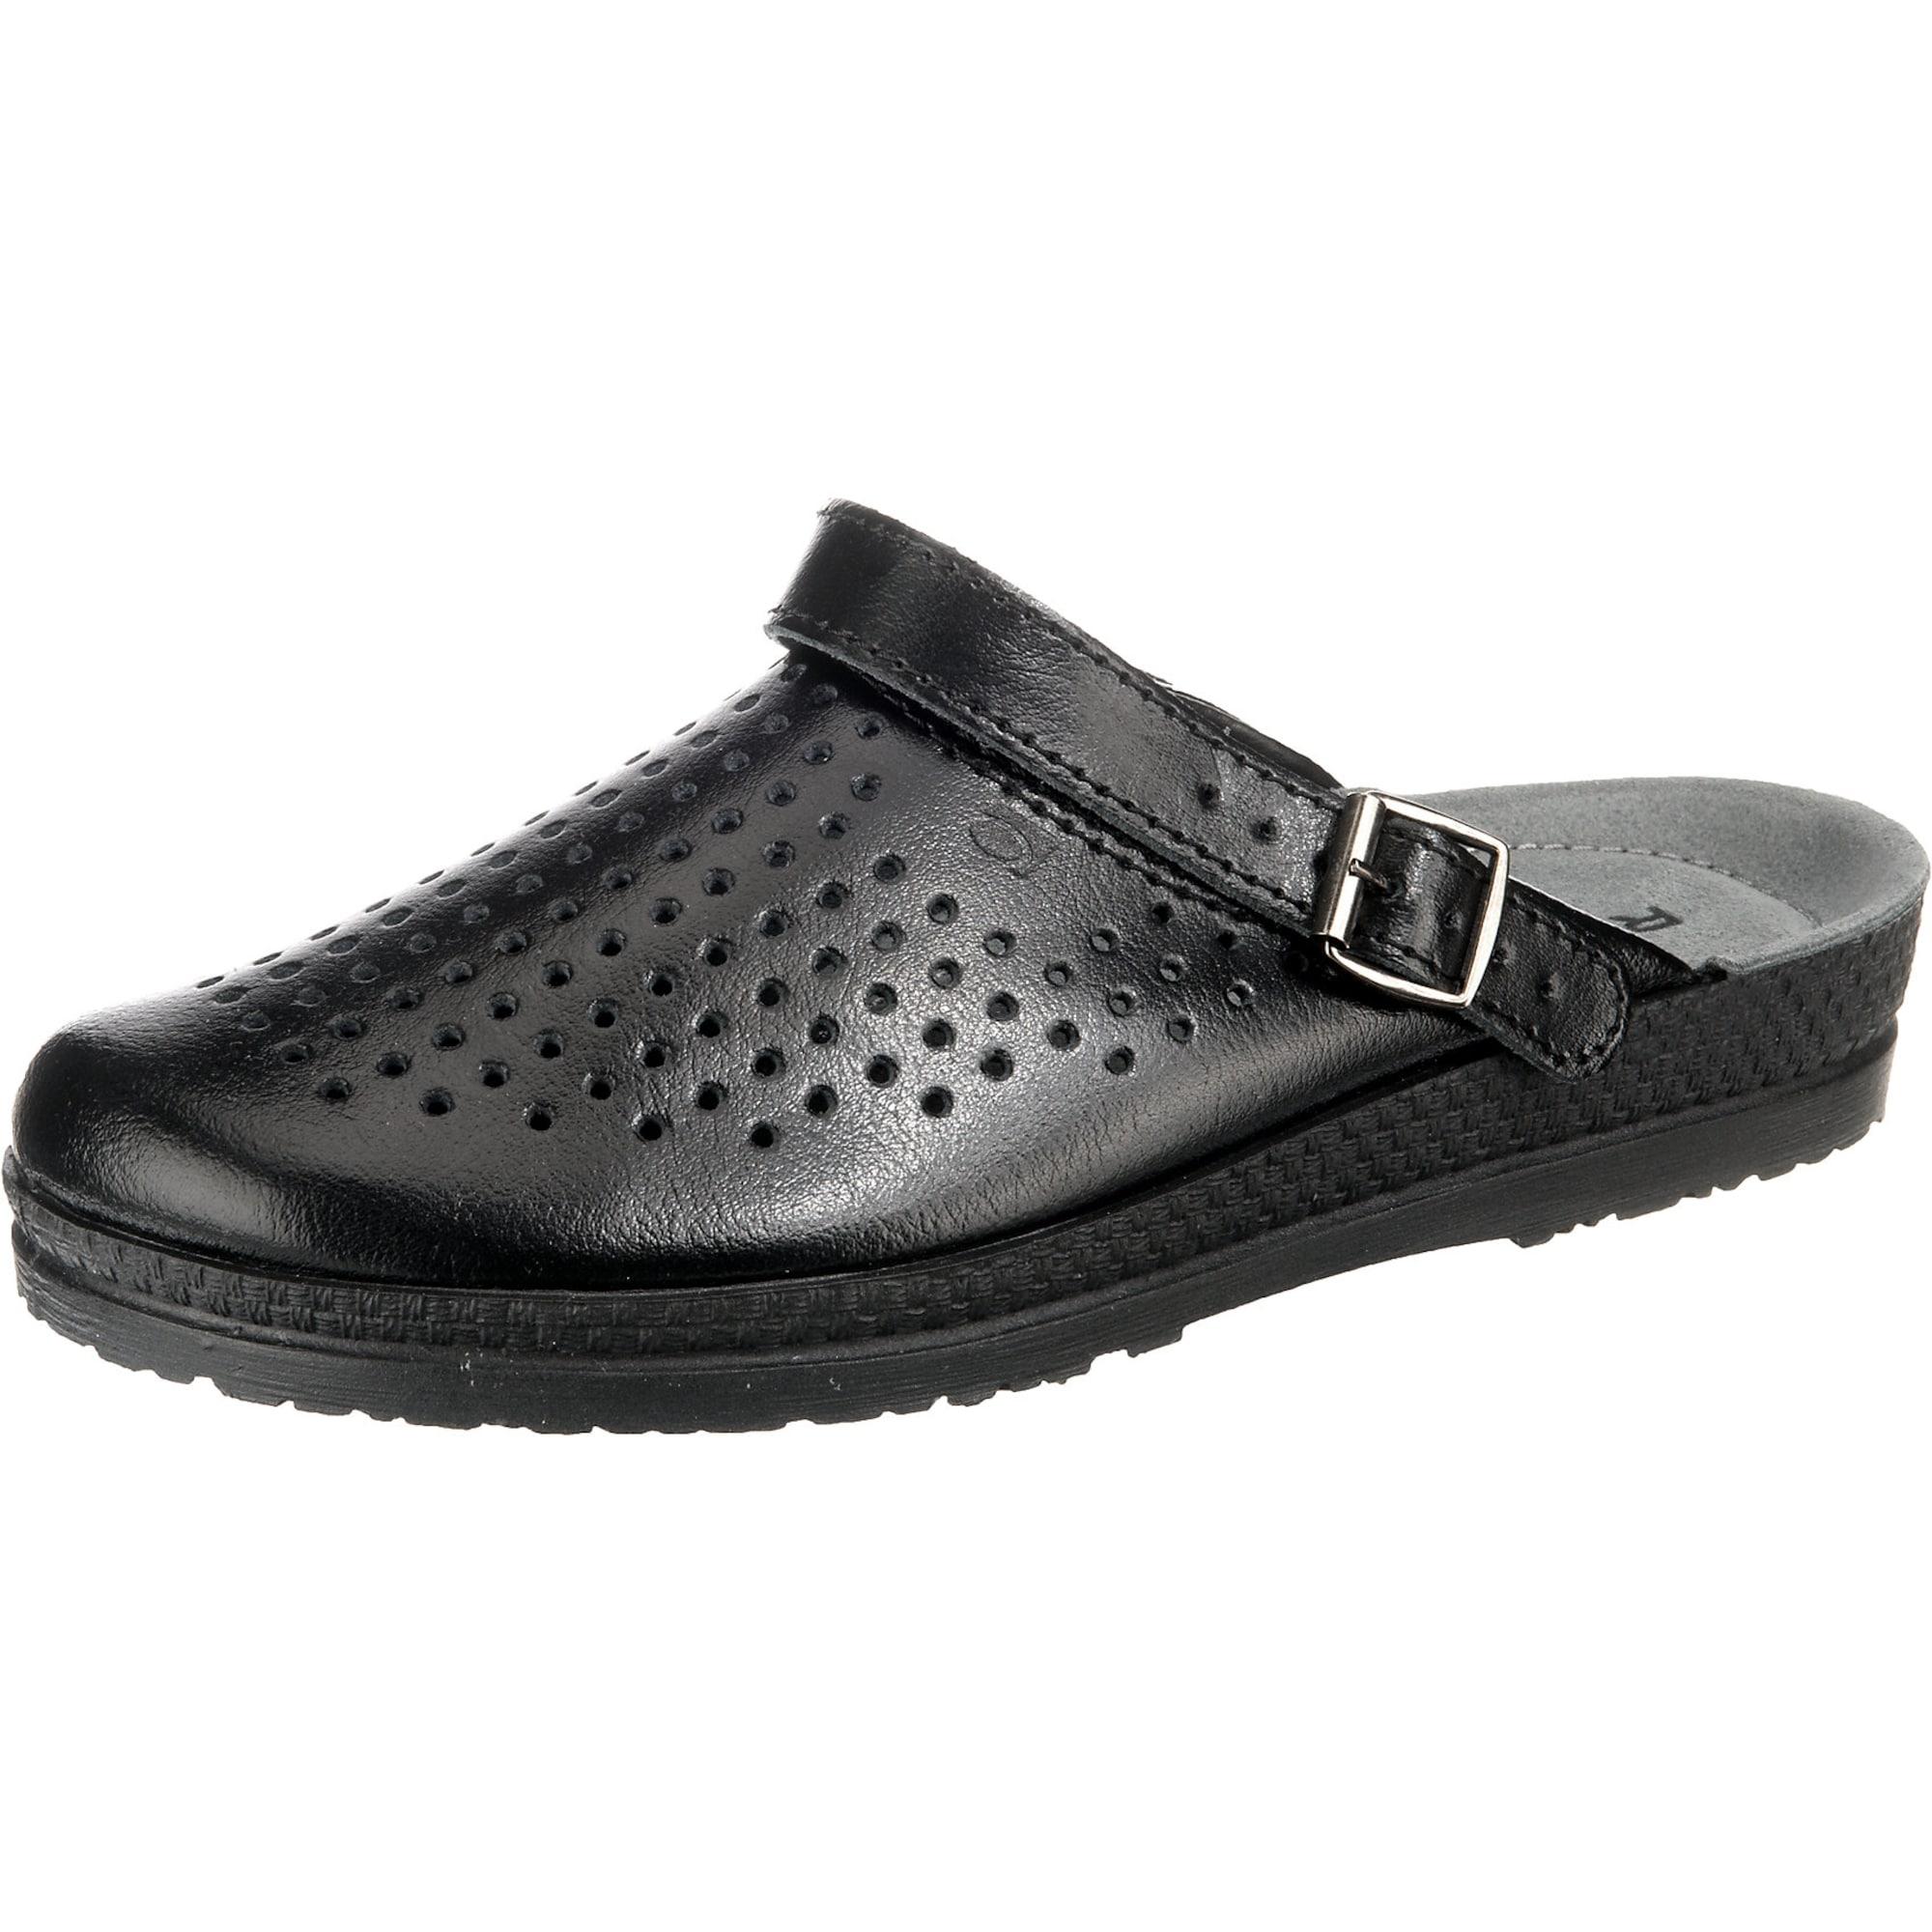 Clogs 'Neustadt-G' | Schuhe > Clogs & Pantoletten > Clogs | Rohde